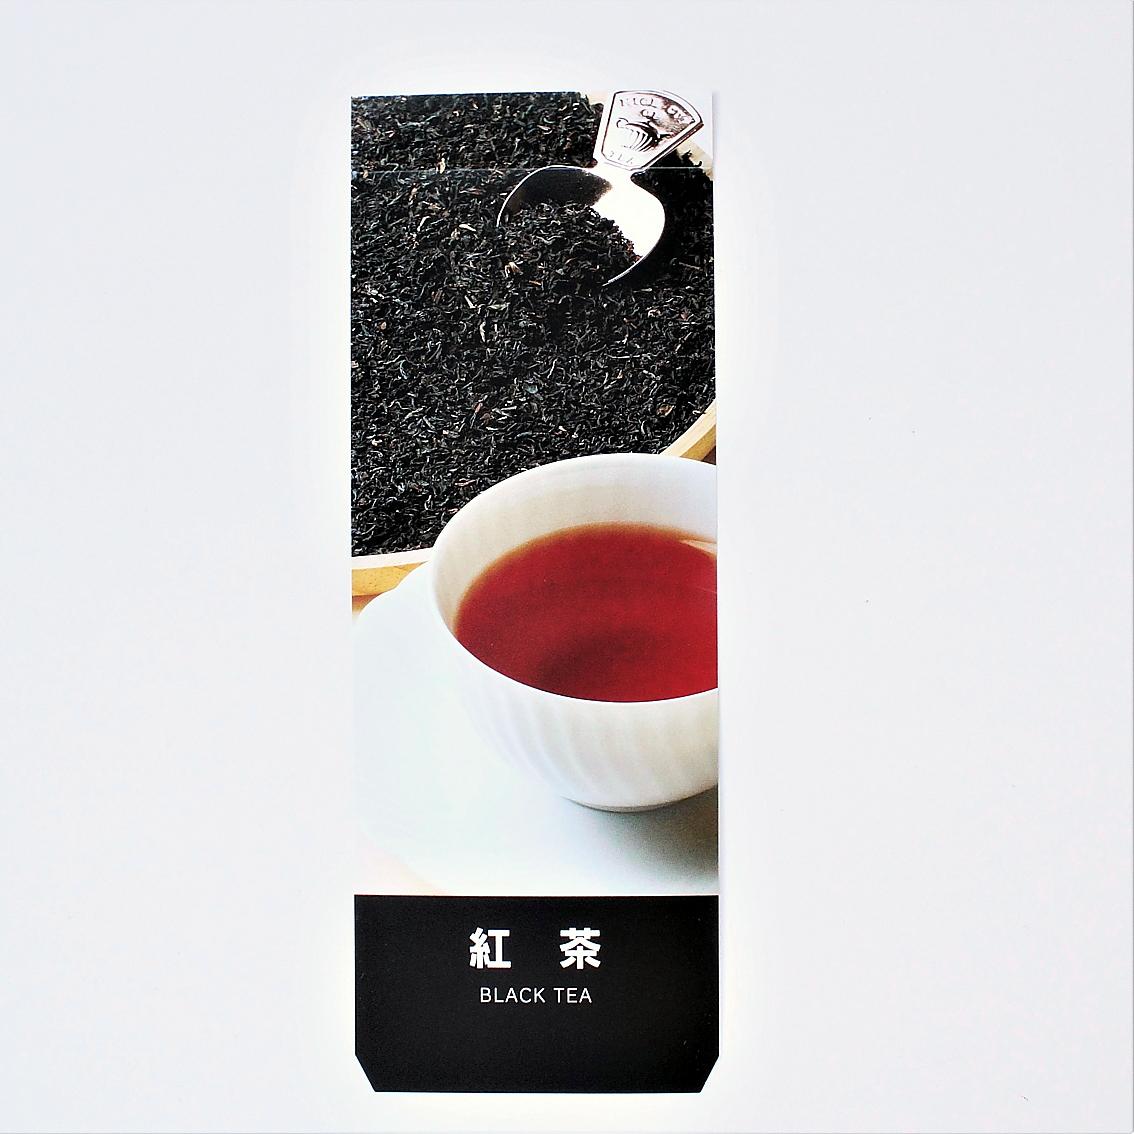 フレーバーカード(紅茶)